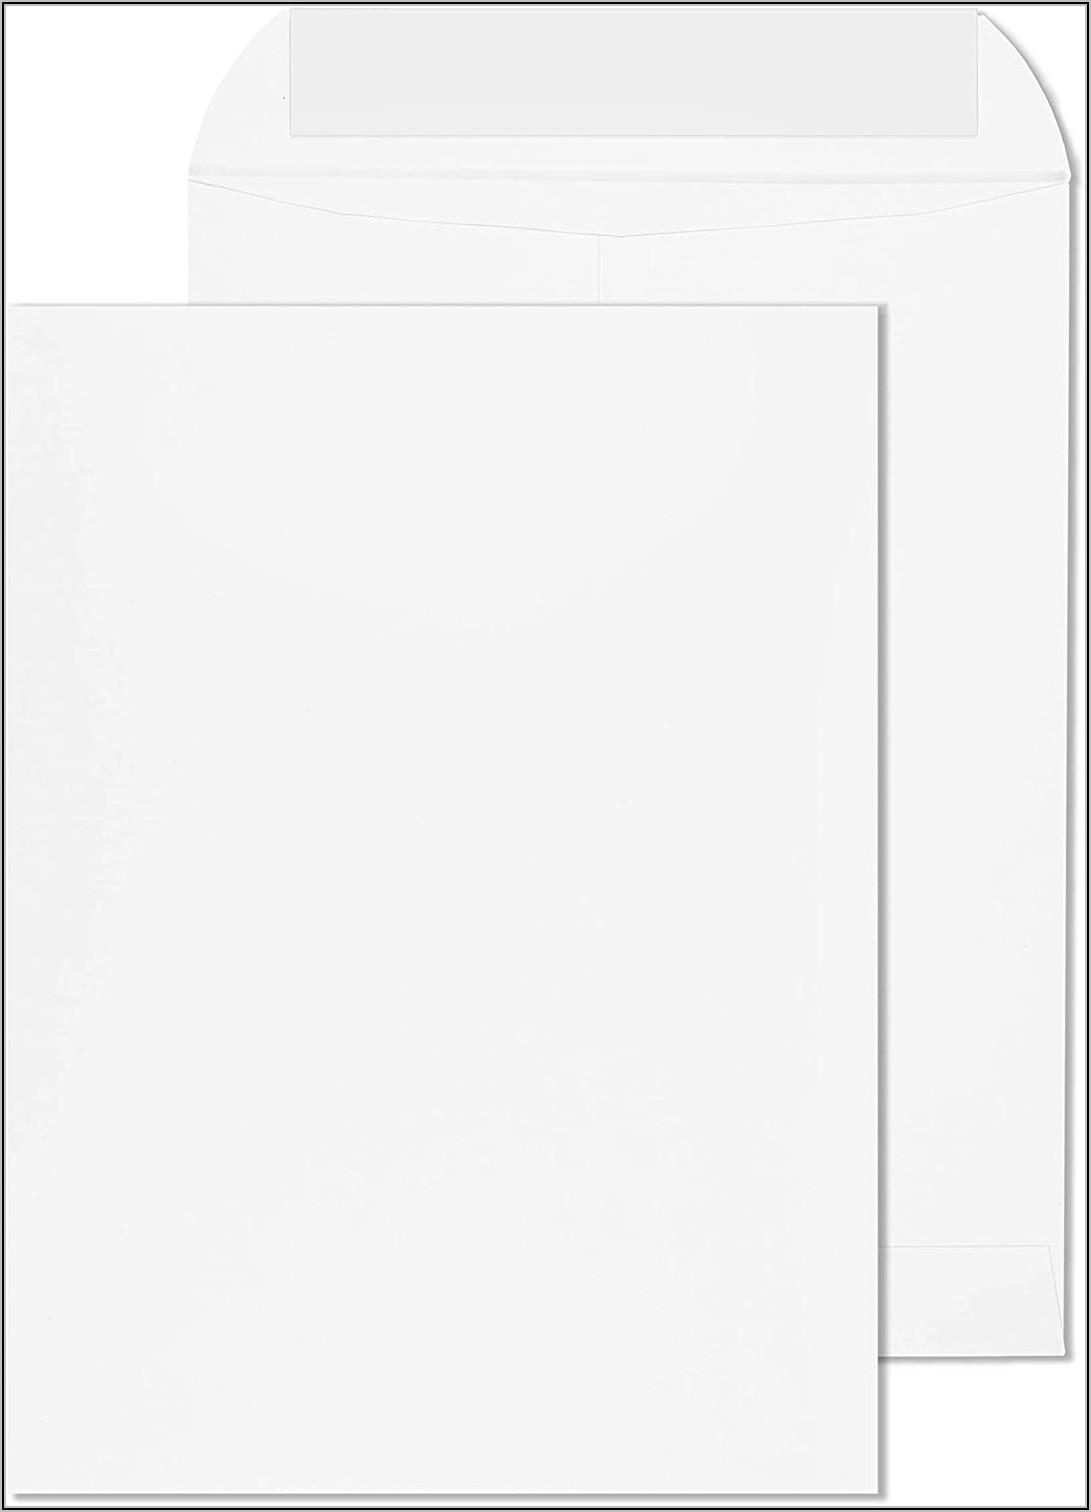 9x12 Double Window Catalog Envelope